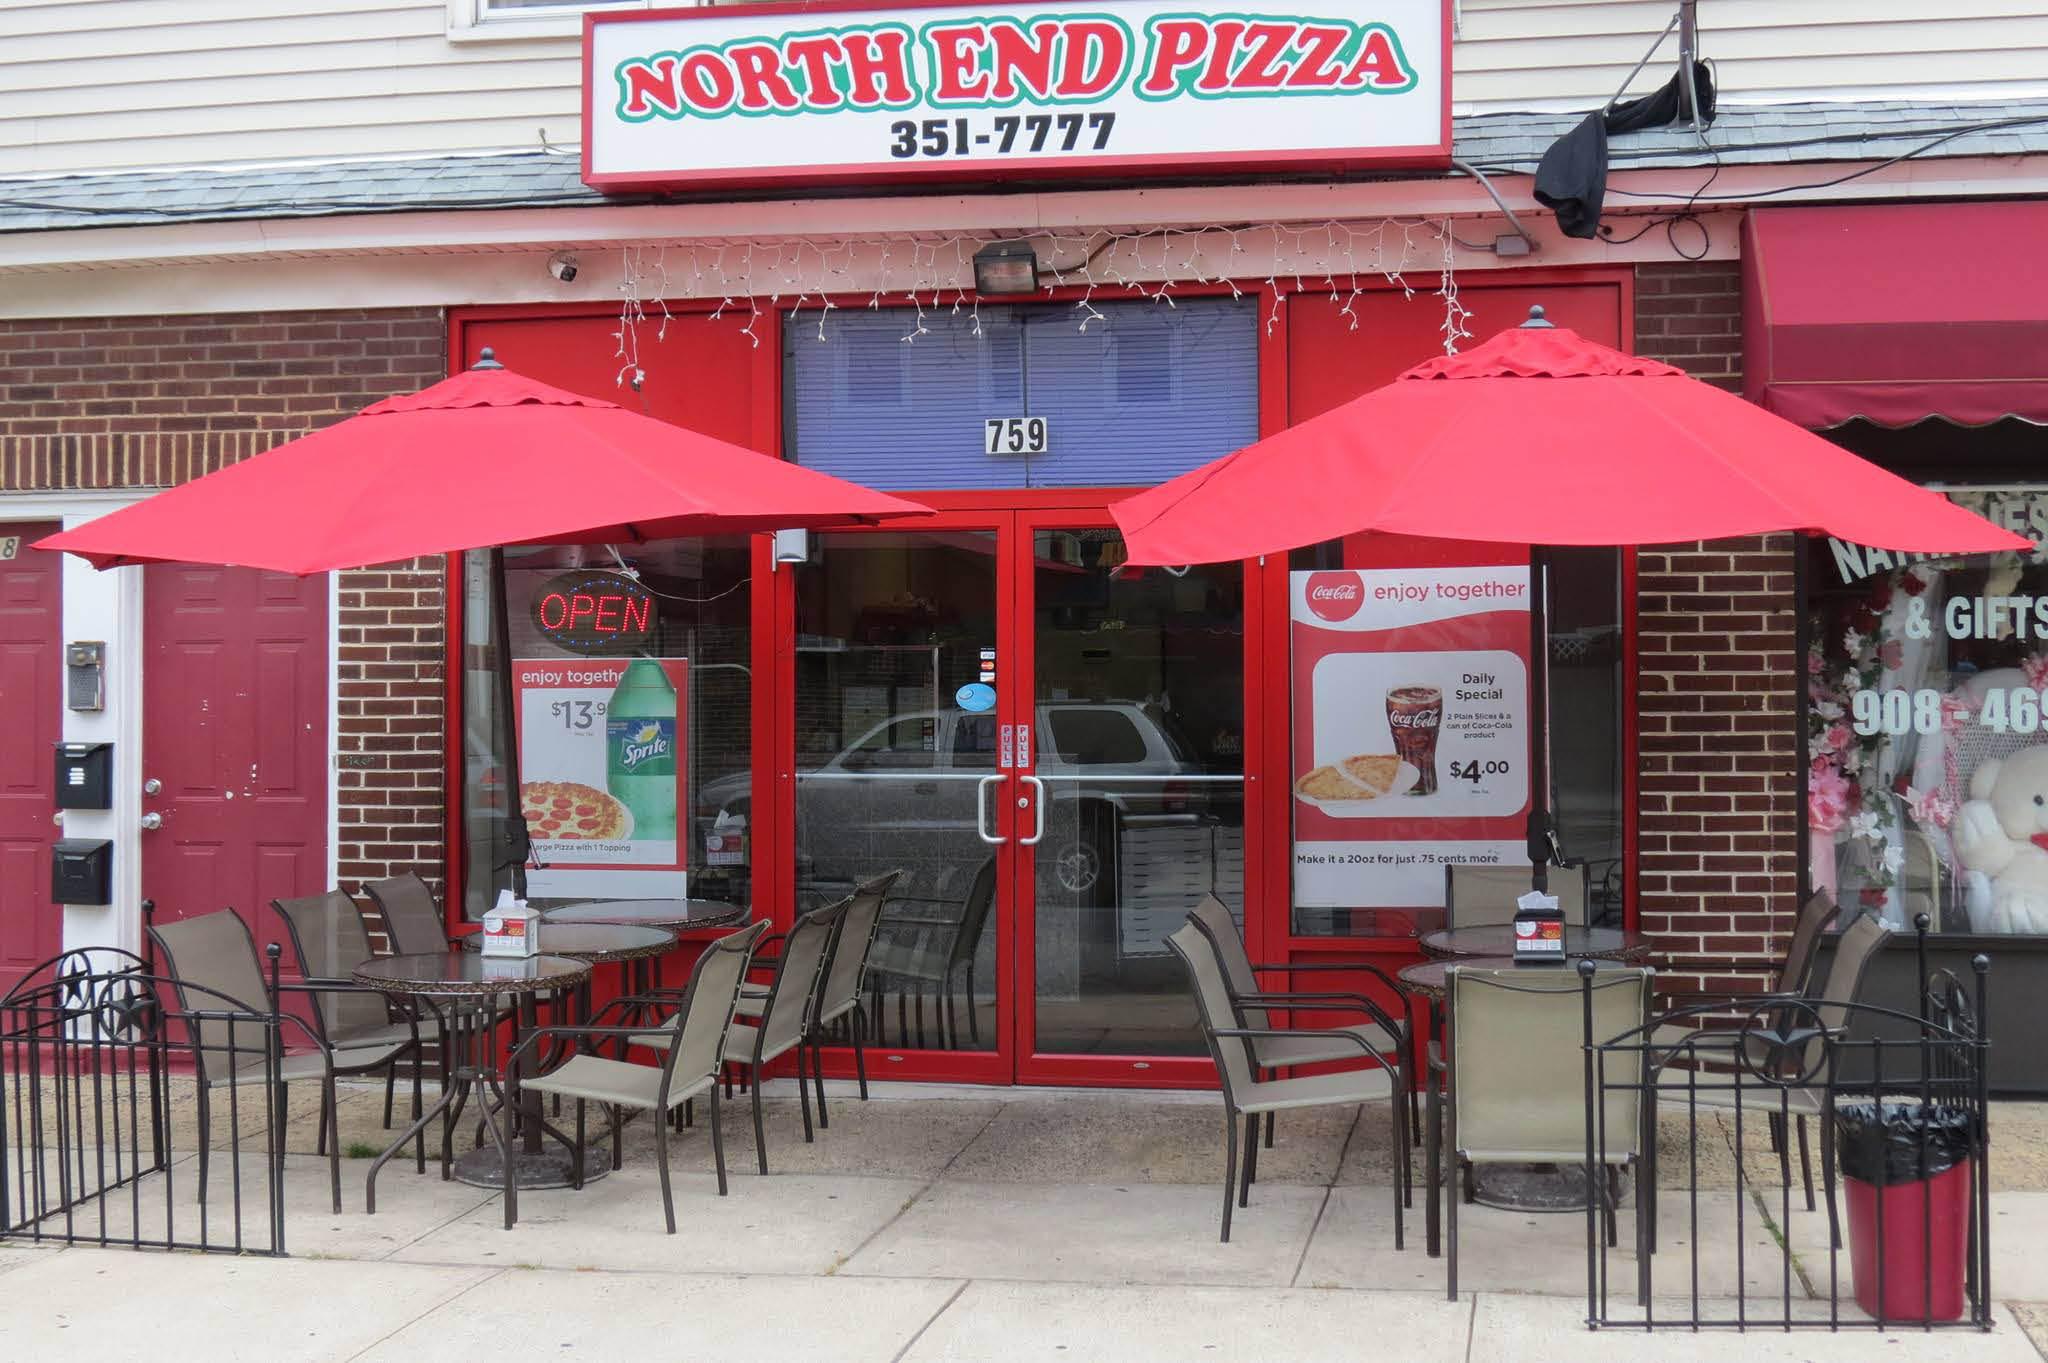 Pizza in Elizabeth, NJ - Pizza Coupons in Elizabeth, NJ - Pizza Coupons Near Me